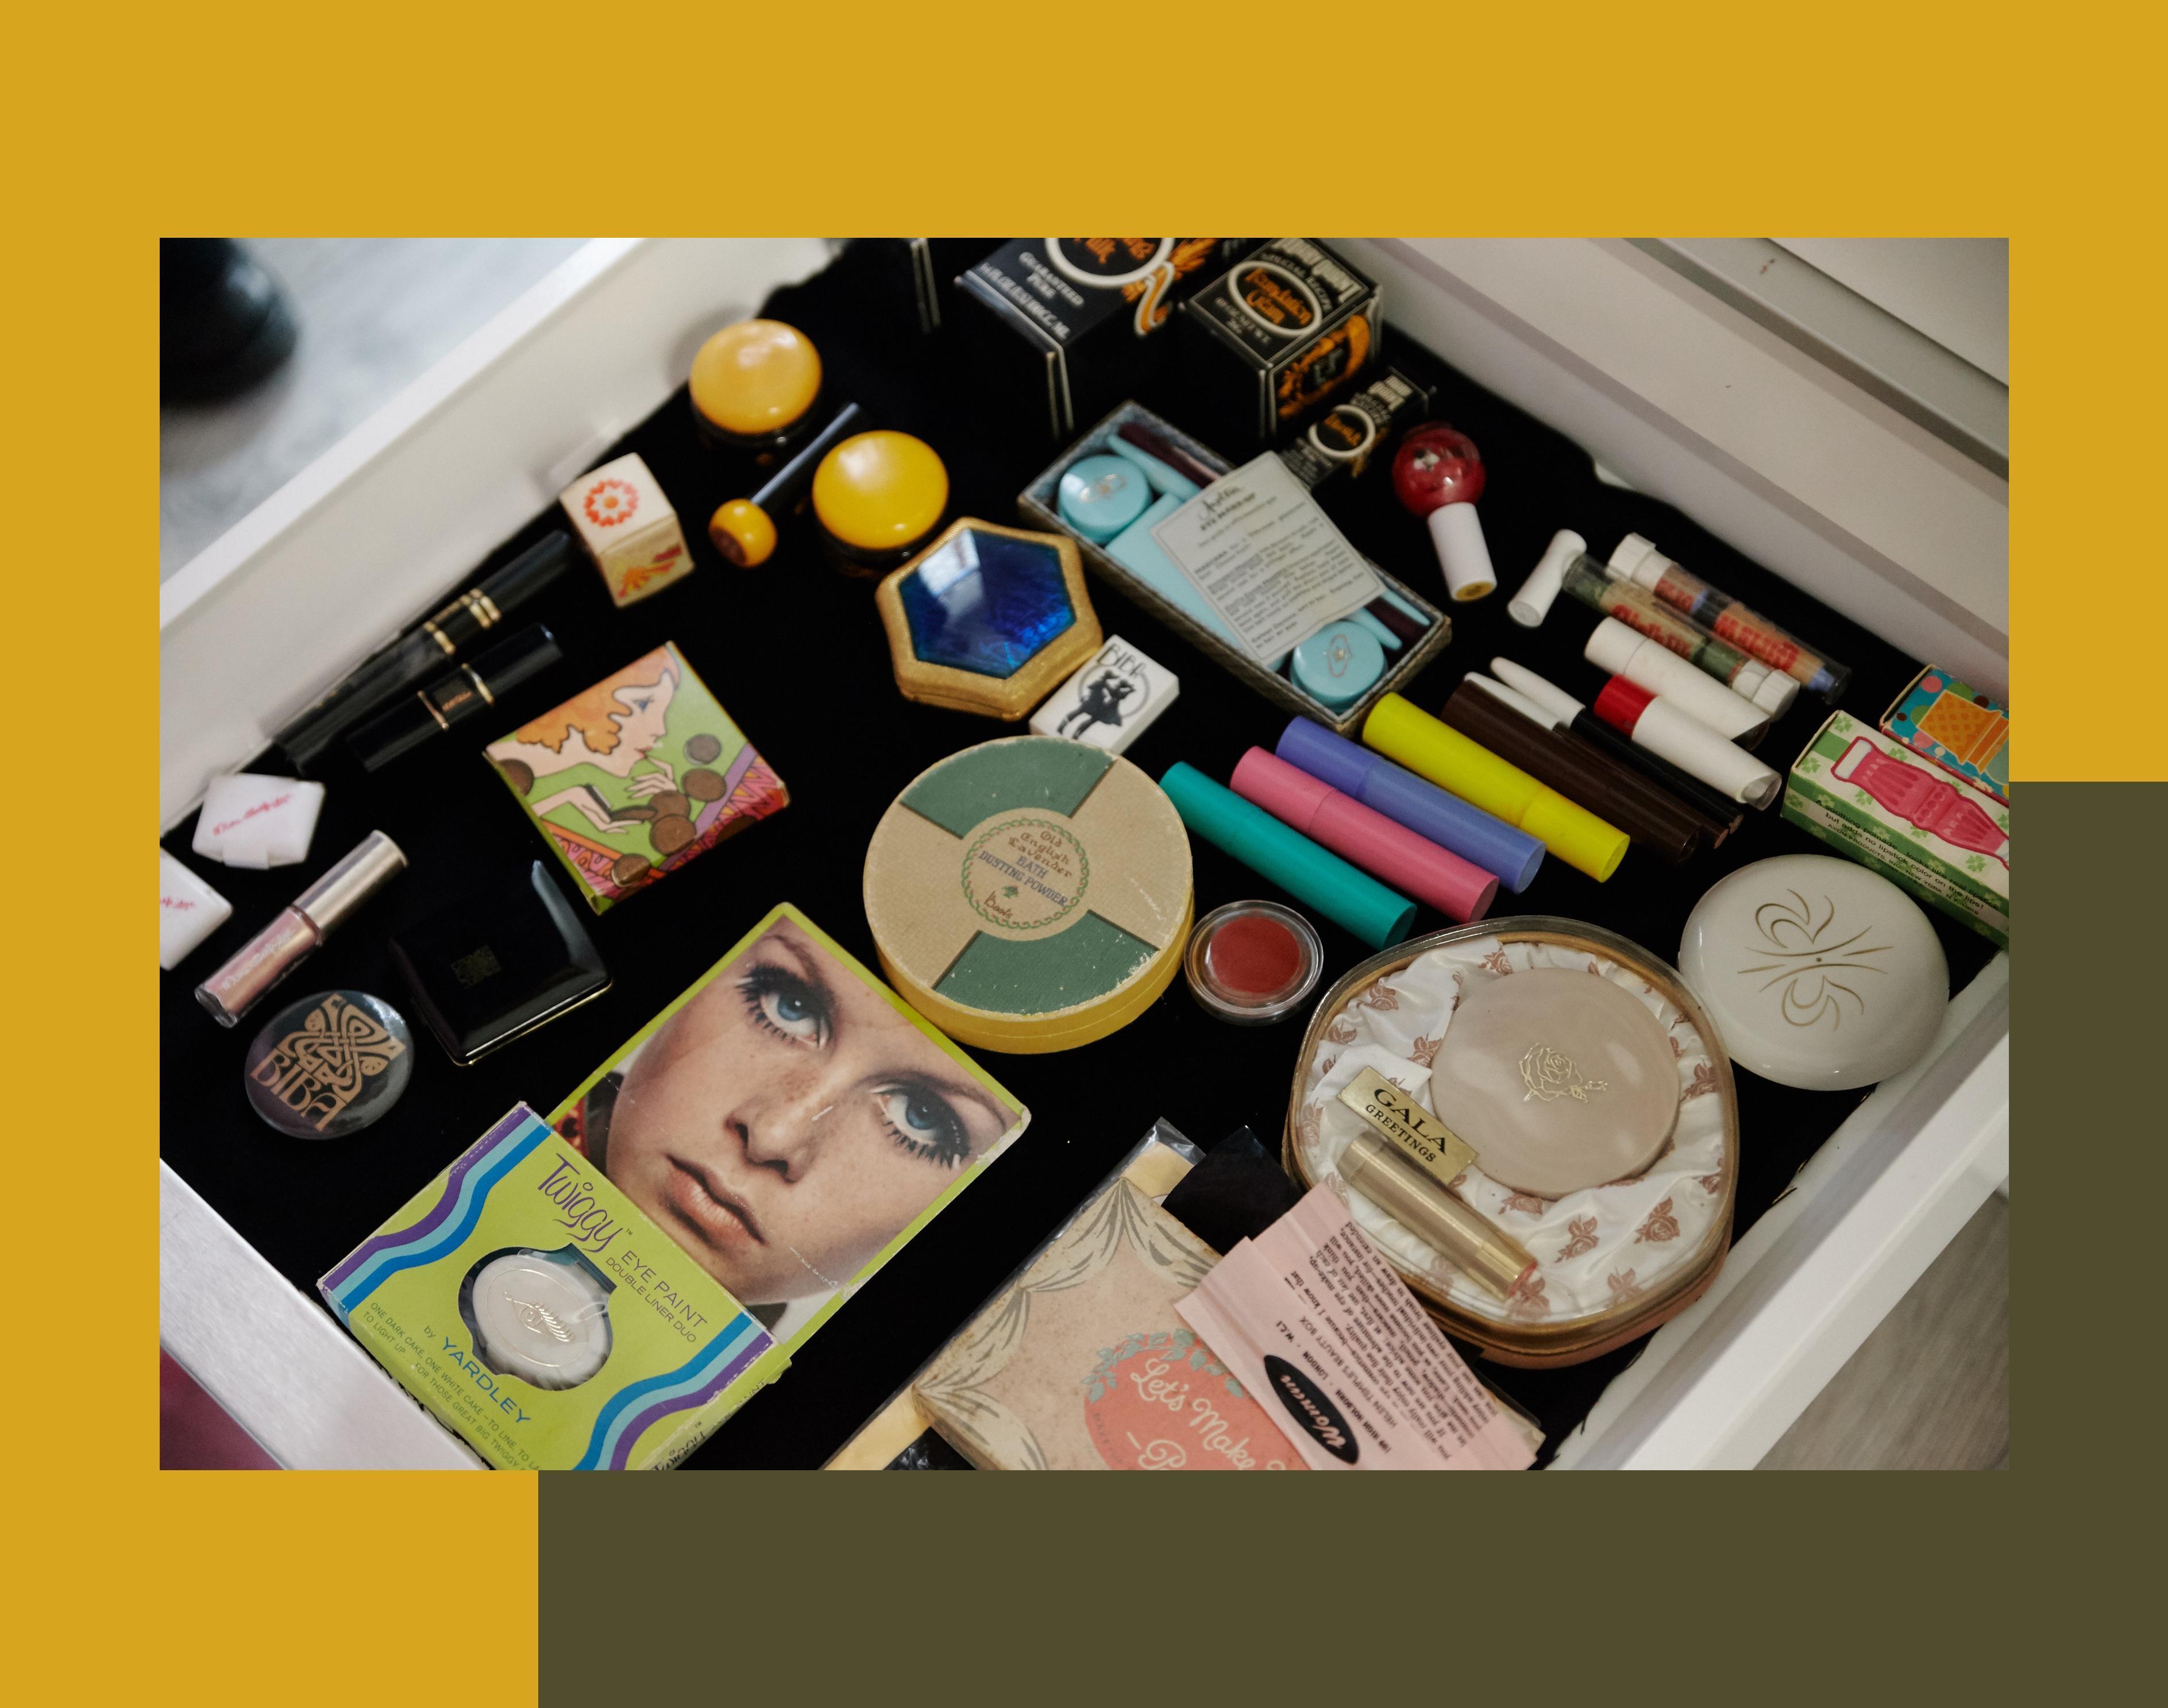 Lisa Eldridge: Die Schminktäschchen der 1970er Jahre in einer Schublade. Das britische Topmodel Twiggy (unten im Bild) bekam zu dieser Zeit seine eigene Lidschattenlinie.